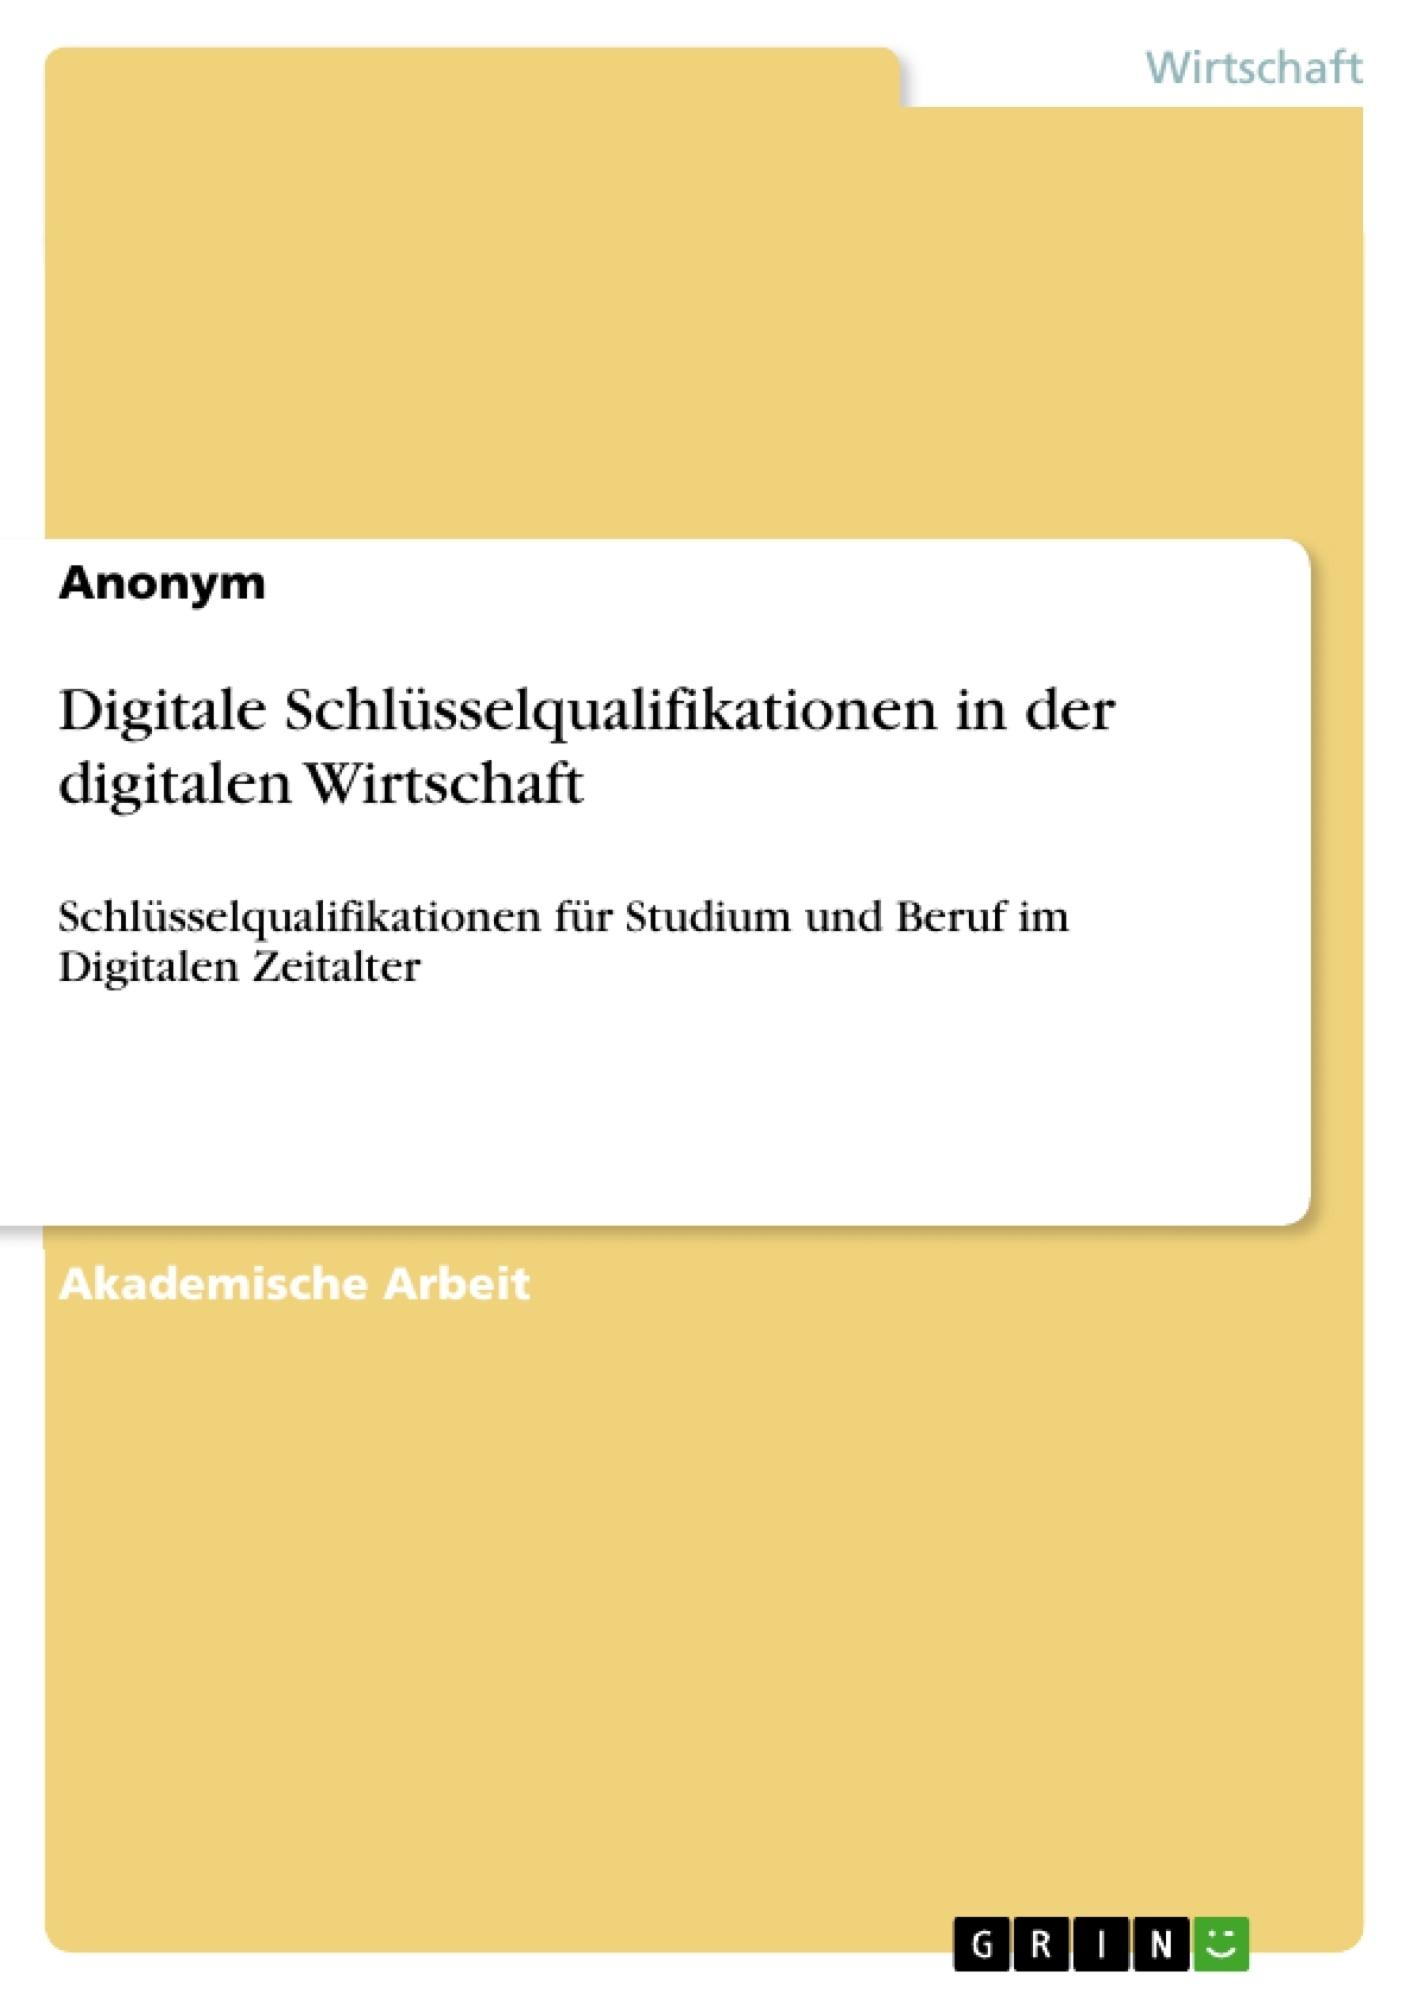 Titel: Digitale Schlüsselqualifikationen in der digitalen Wirtschaft